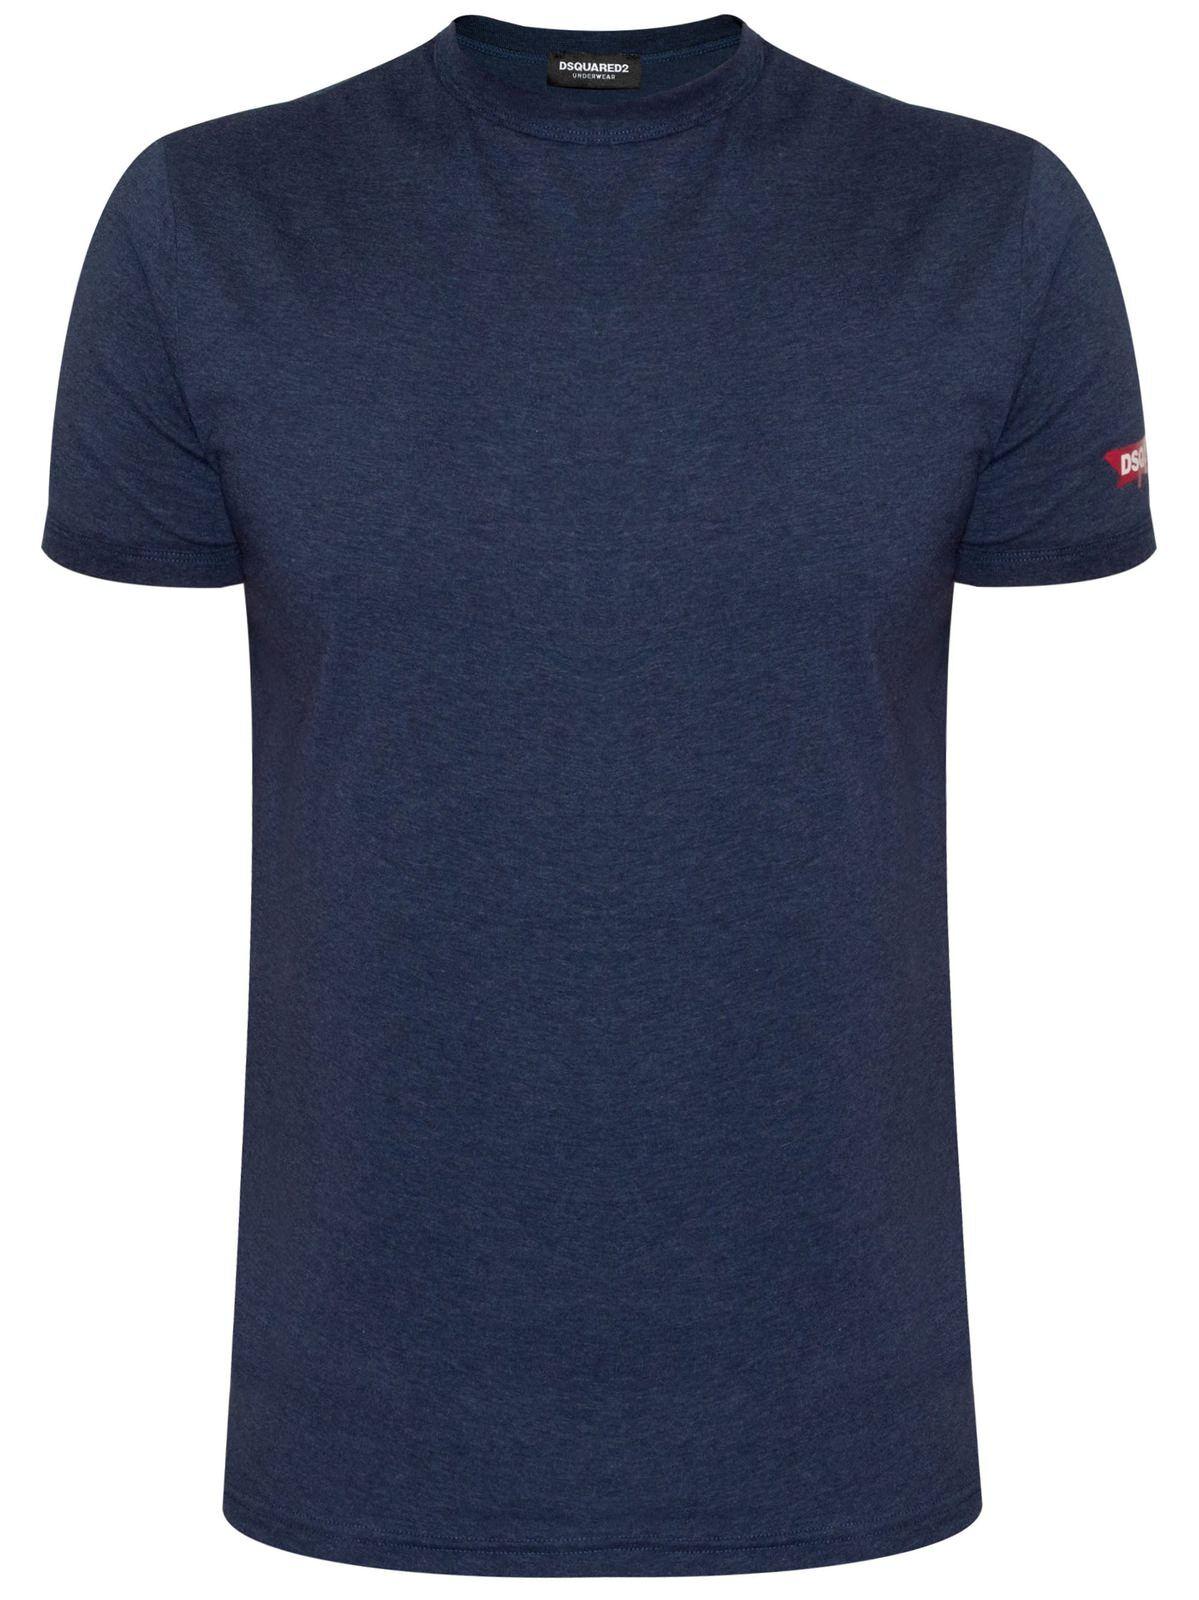 DSQUArot2 Underwear Indigo Blau Melange T-Shirt